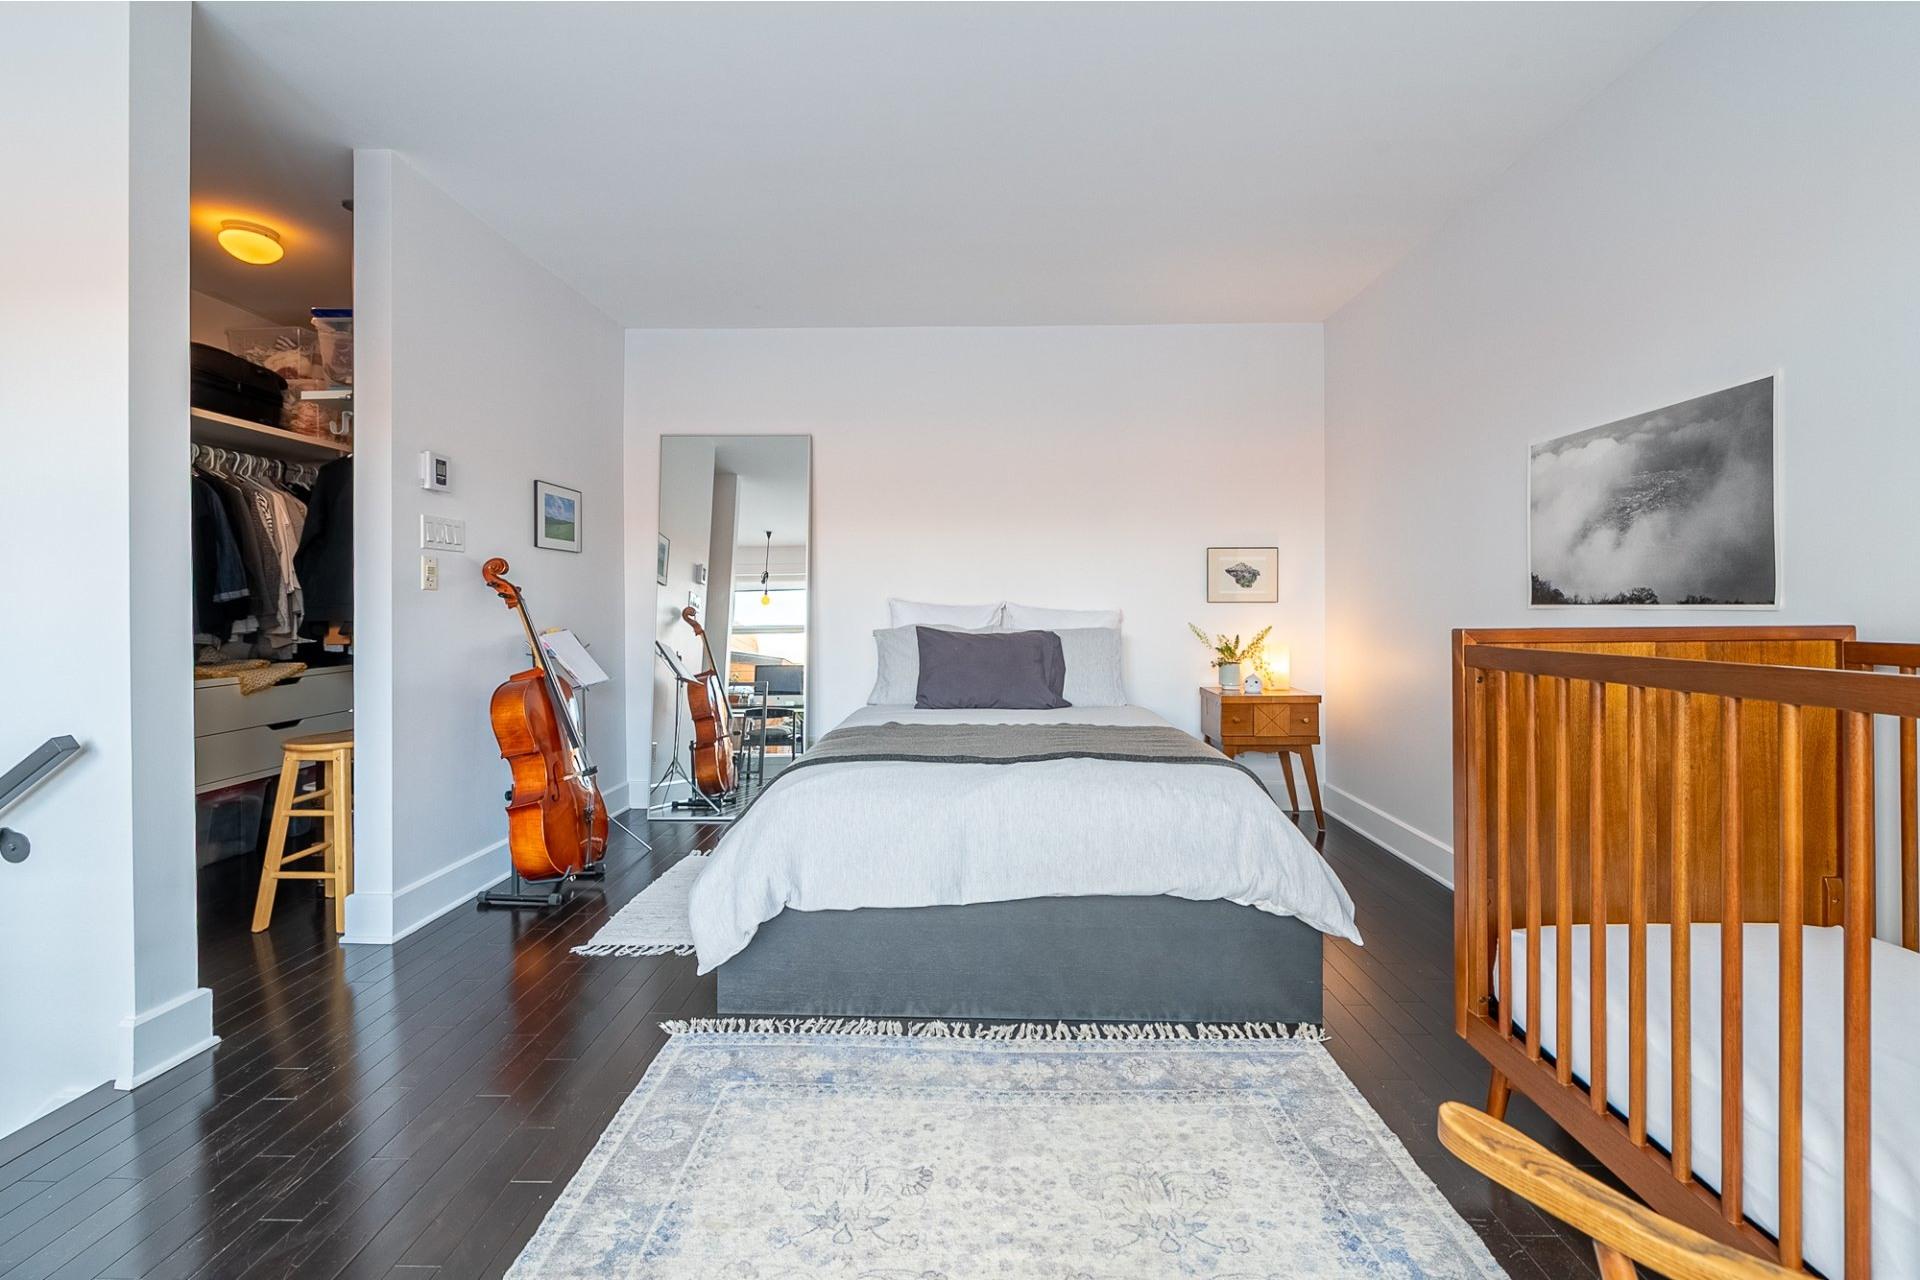 image 13 - Appartement À vendre Rosemont/La Petite-Patrie Montréal  - 5 pièces